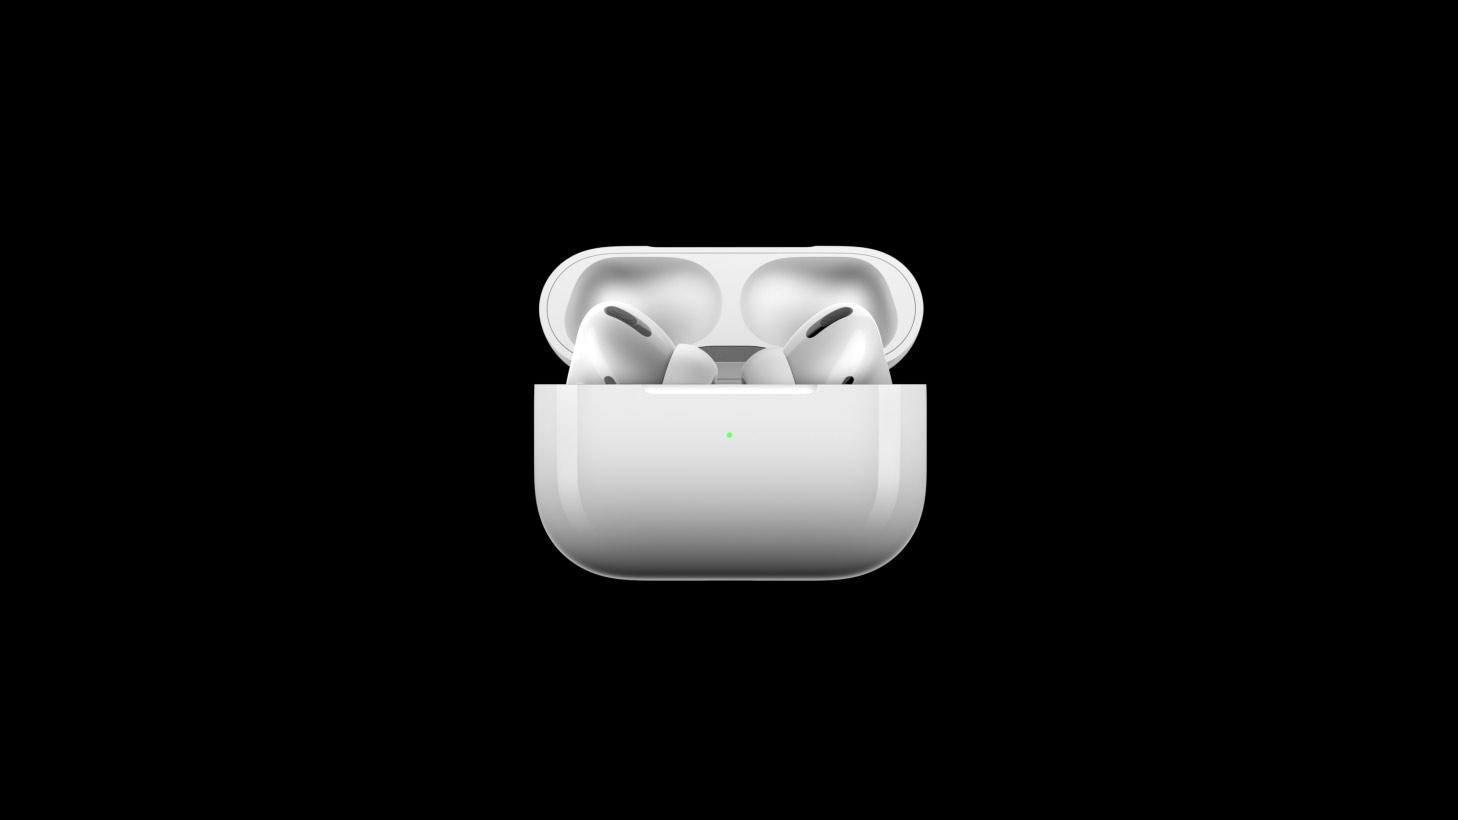 苹果在黑五期间卖出约300万副AirPods